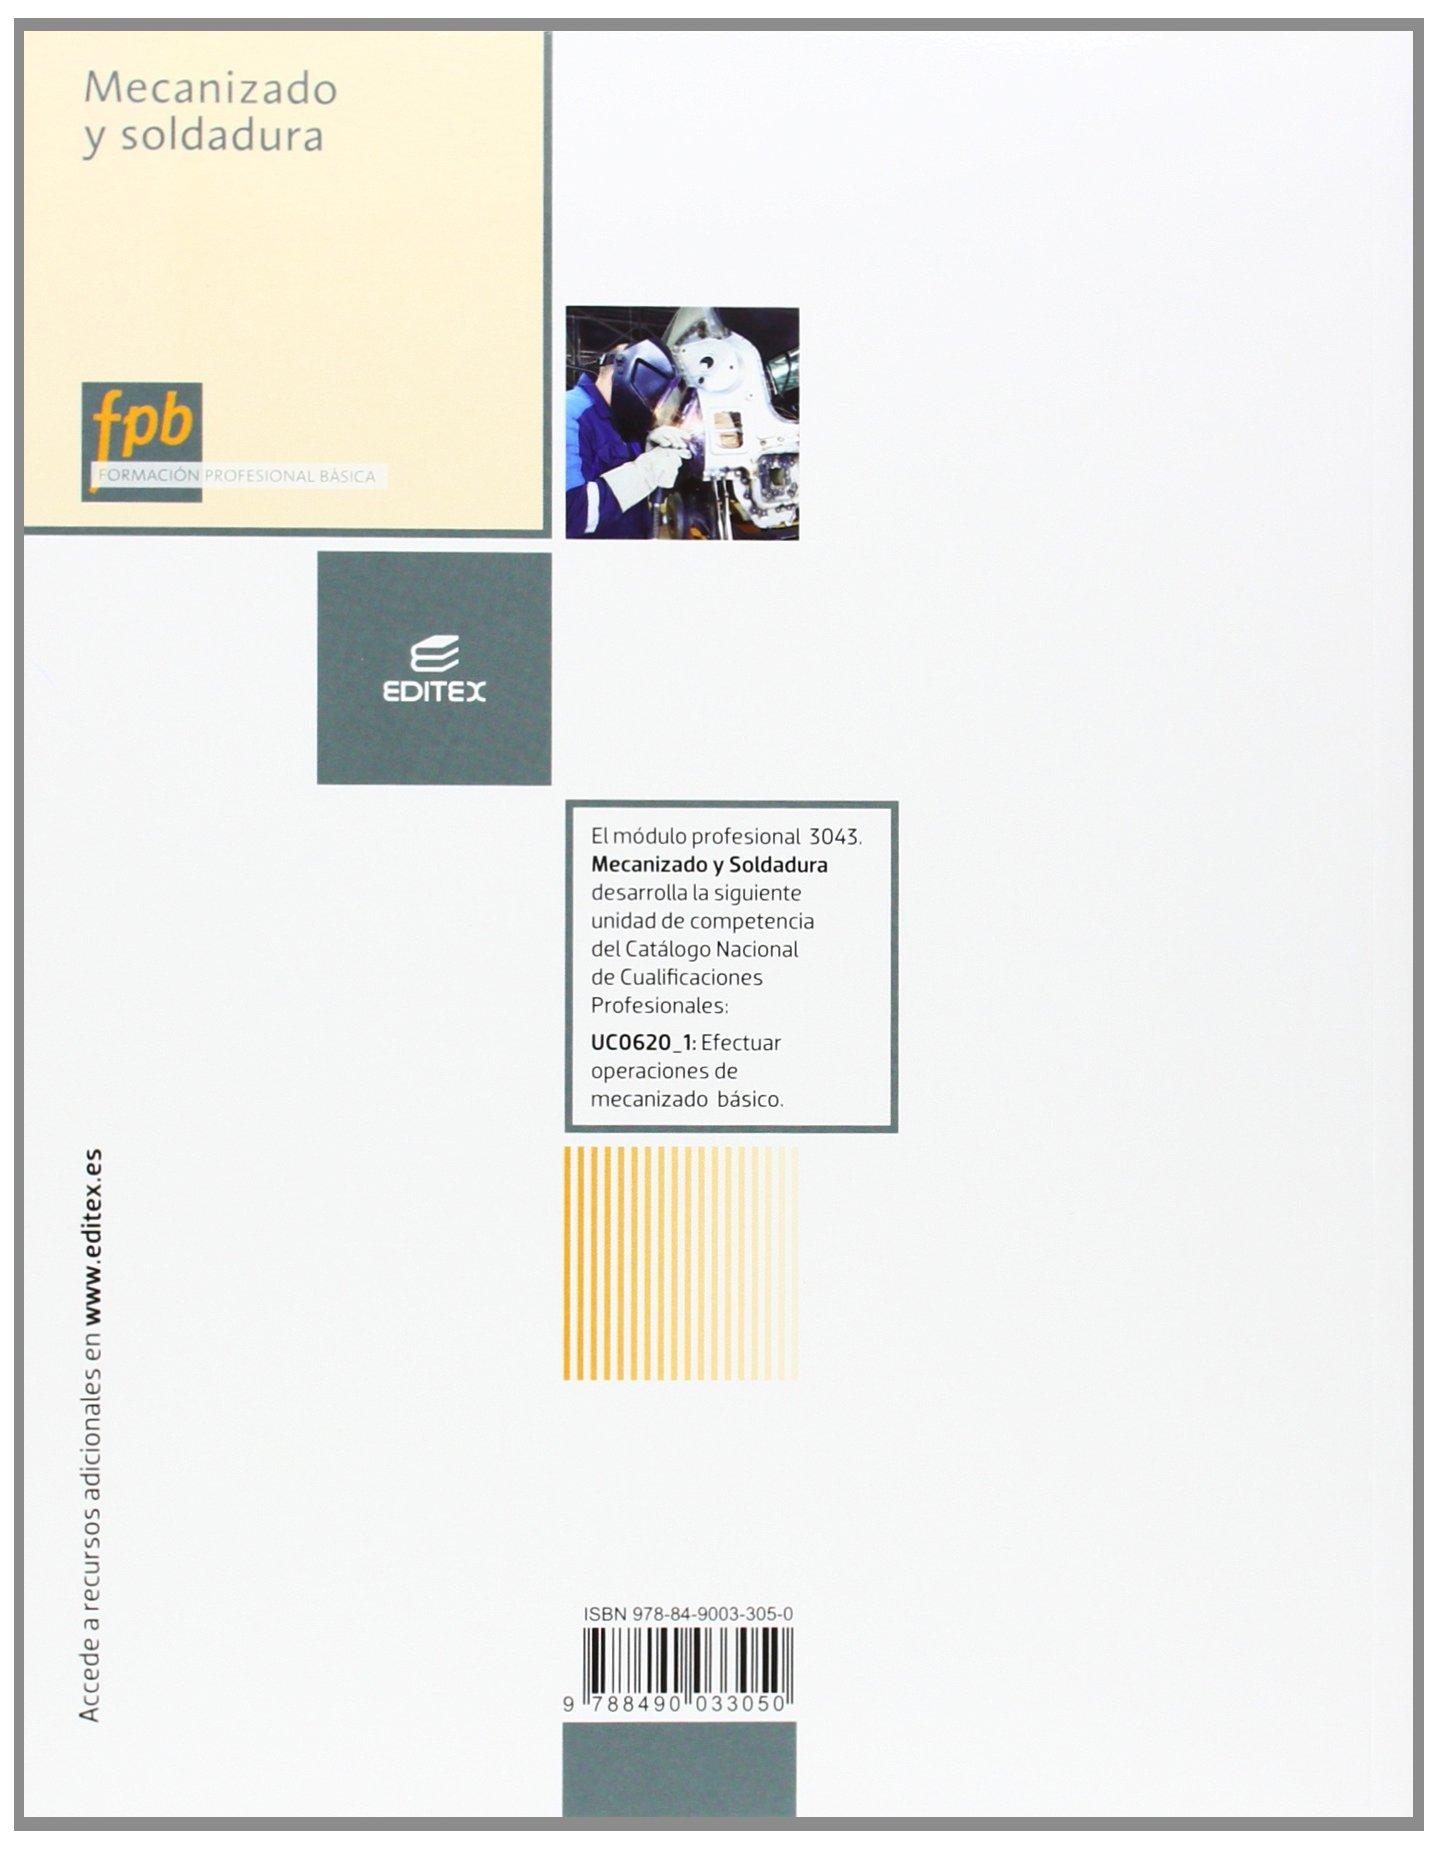 Mecanizado y soldadura (Formación Profesional Básica): Amazon.es: Esteban José Domínguez Soriano, Julián Ferrer Ruiz: Libros